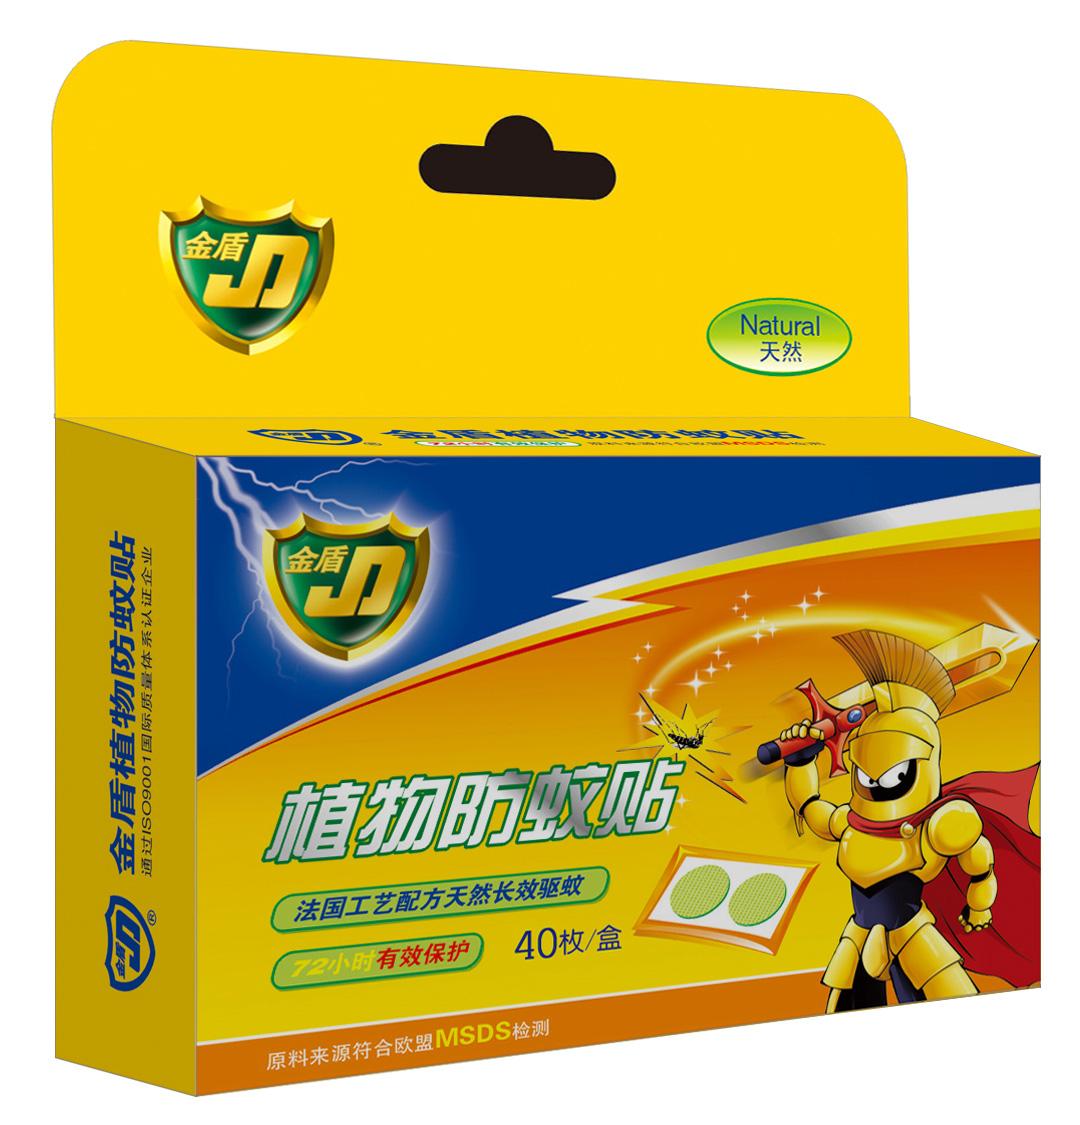 金盾植物防蚊貼40枚